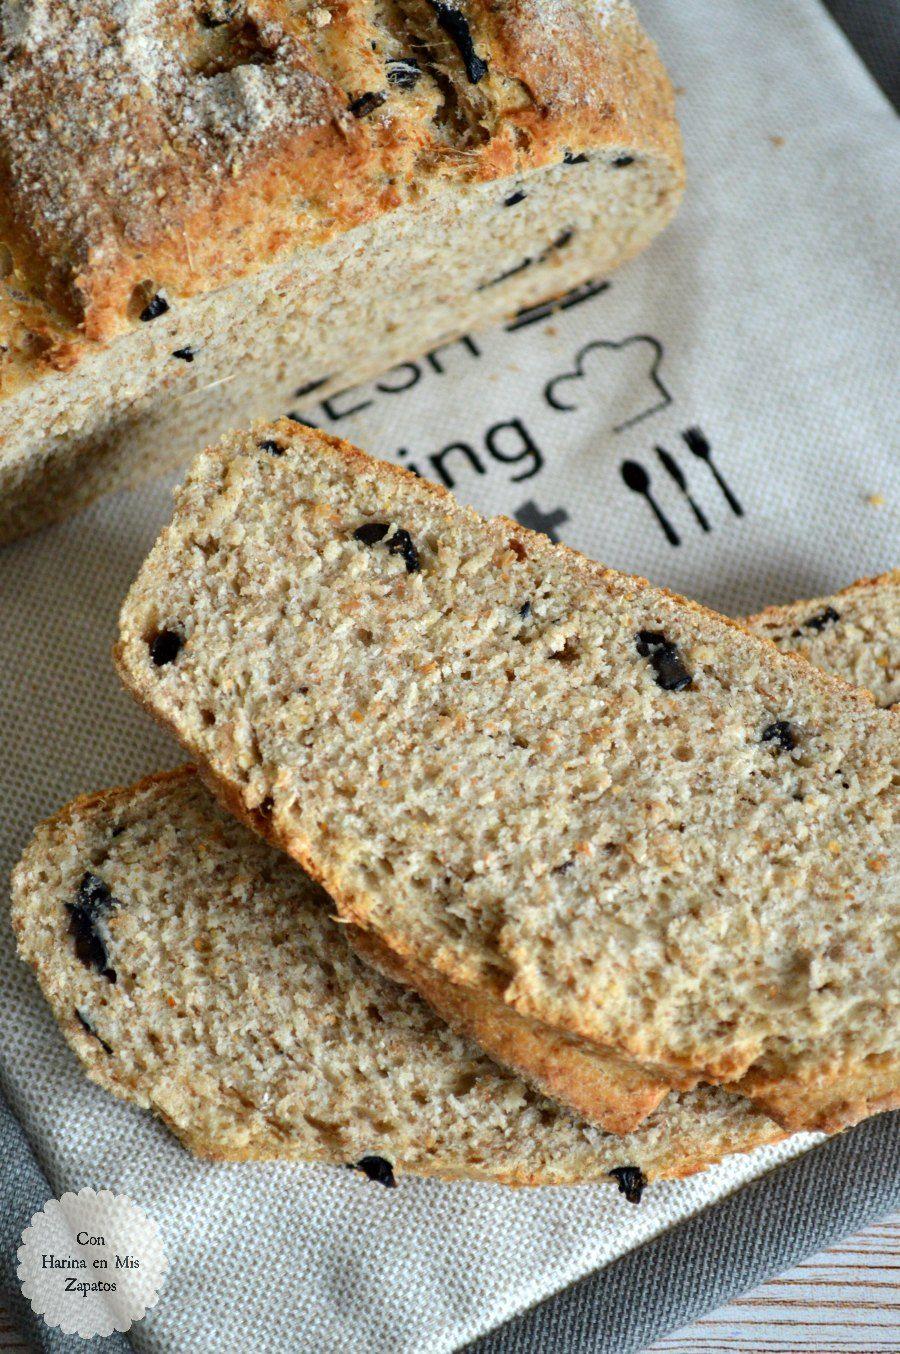 ¡Buenos días! ¿Os apetece una tostada de pan recién hecho? Sí habéis dicho que sí, venga, a pesar harina, porque en menos de 1 hora, lo podéis tener listo. Aún os da tiempo a prepararlo para la comida. Si hay un libro de cocina al …